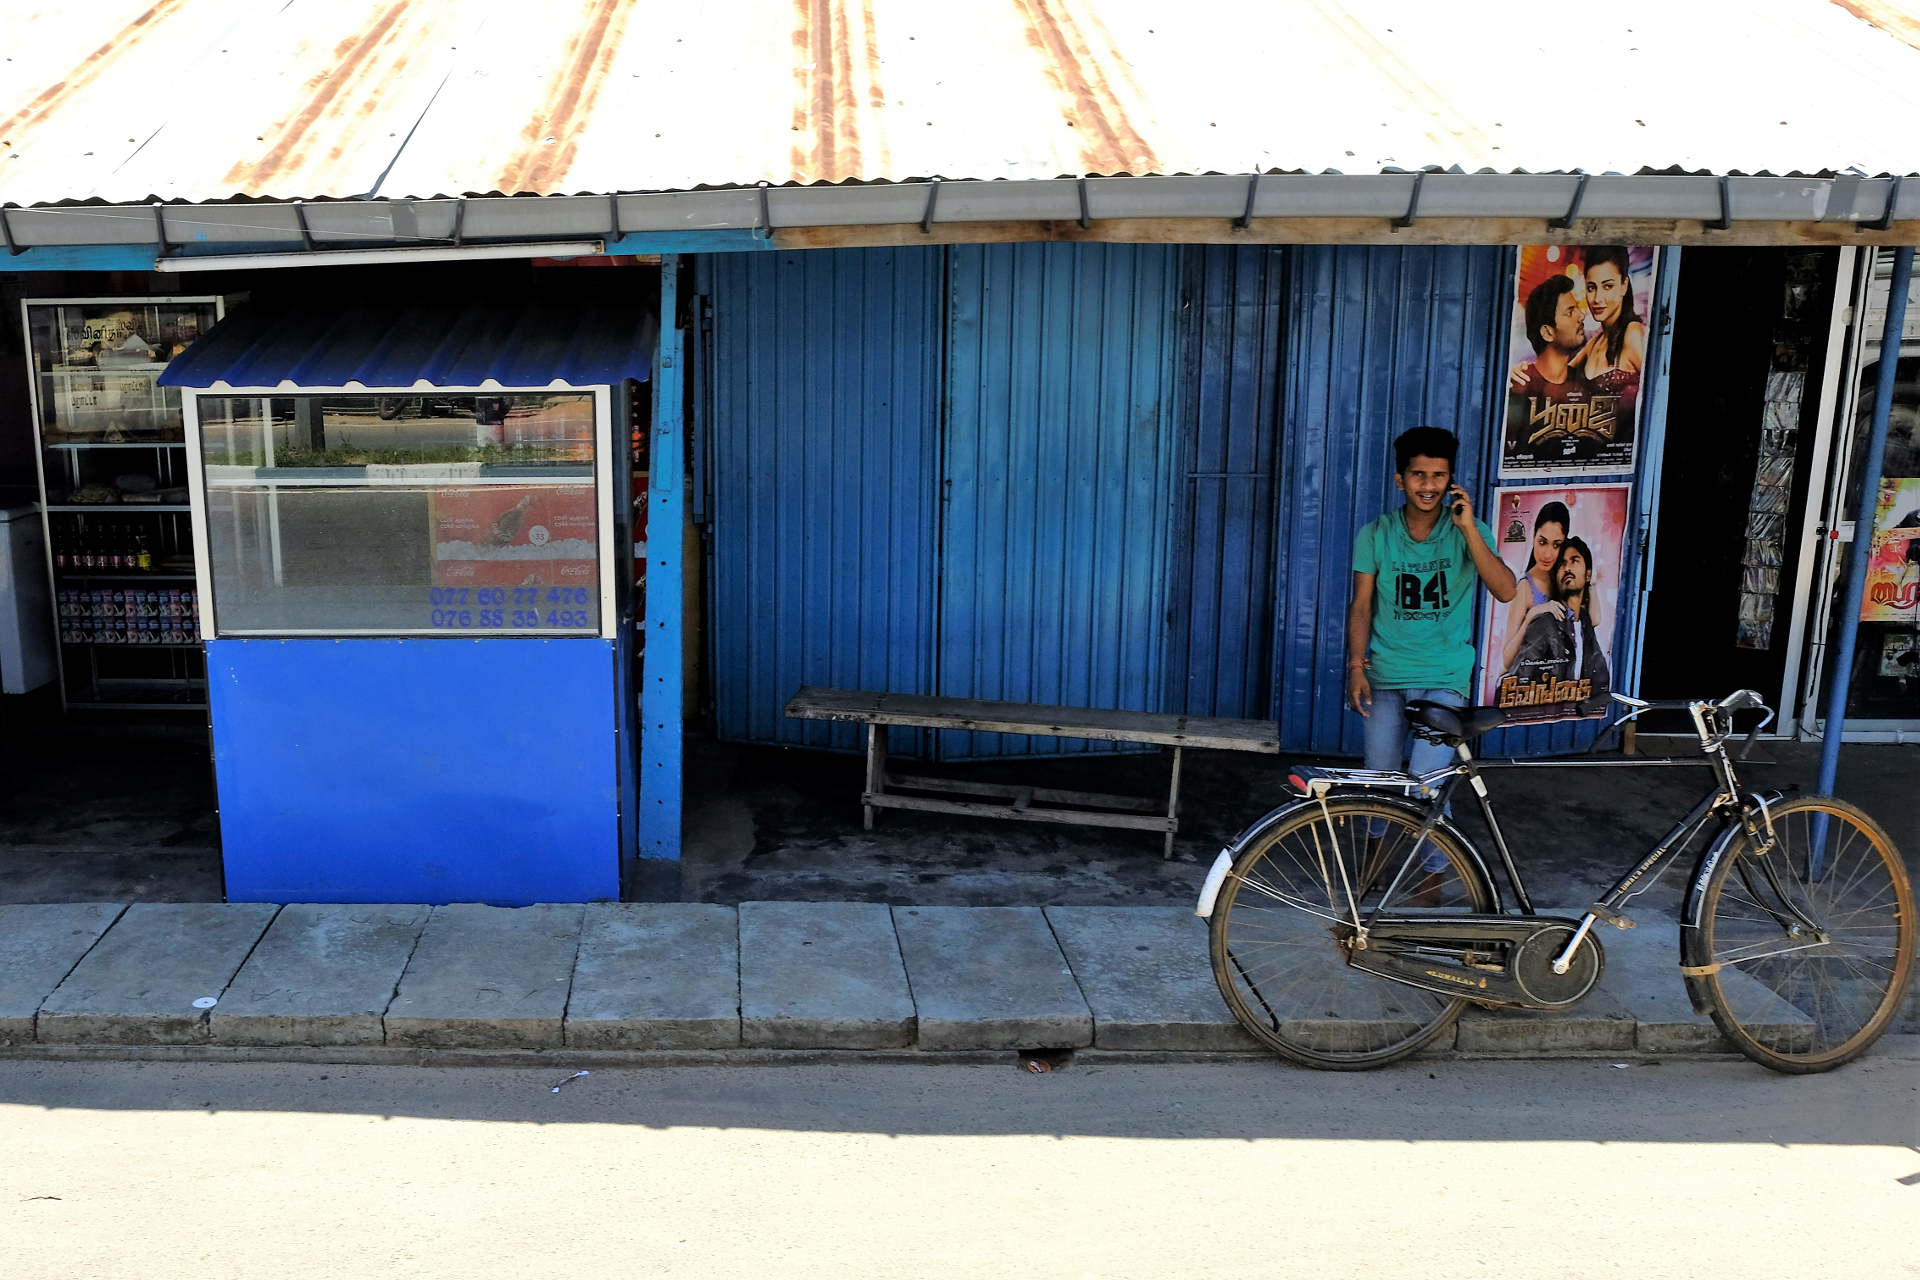 I skuggan vid videobutiken. Foto: Johan Mikaelsson